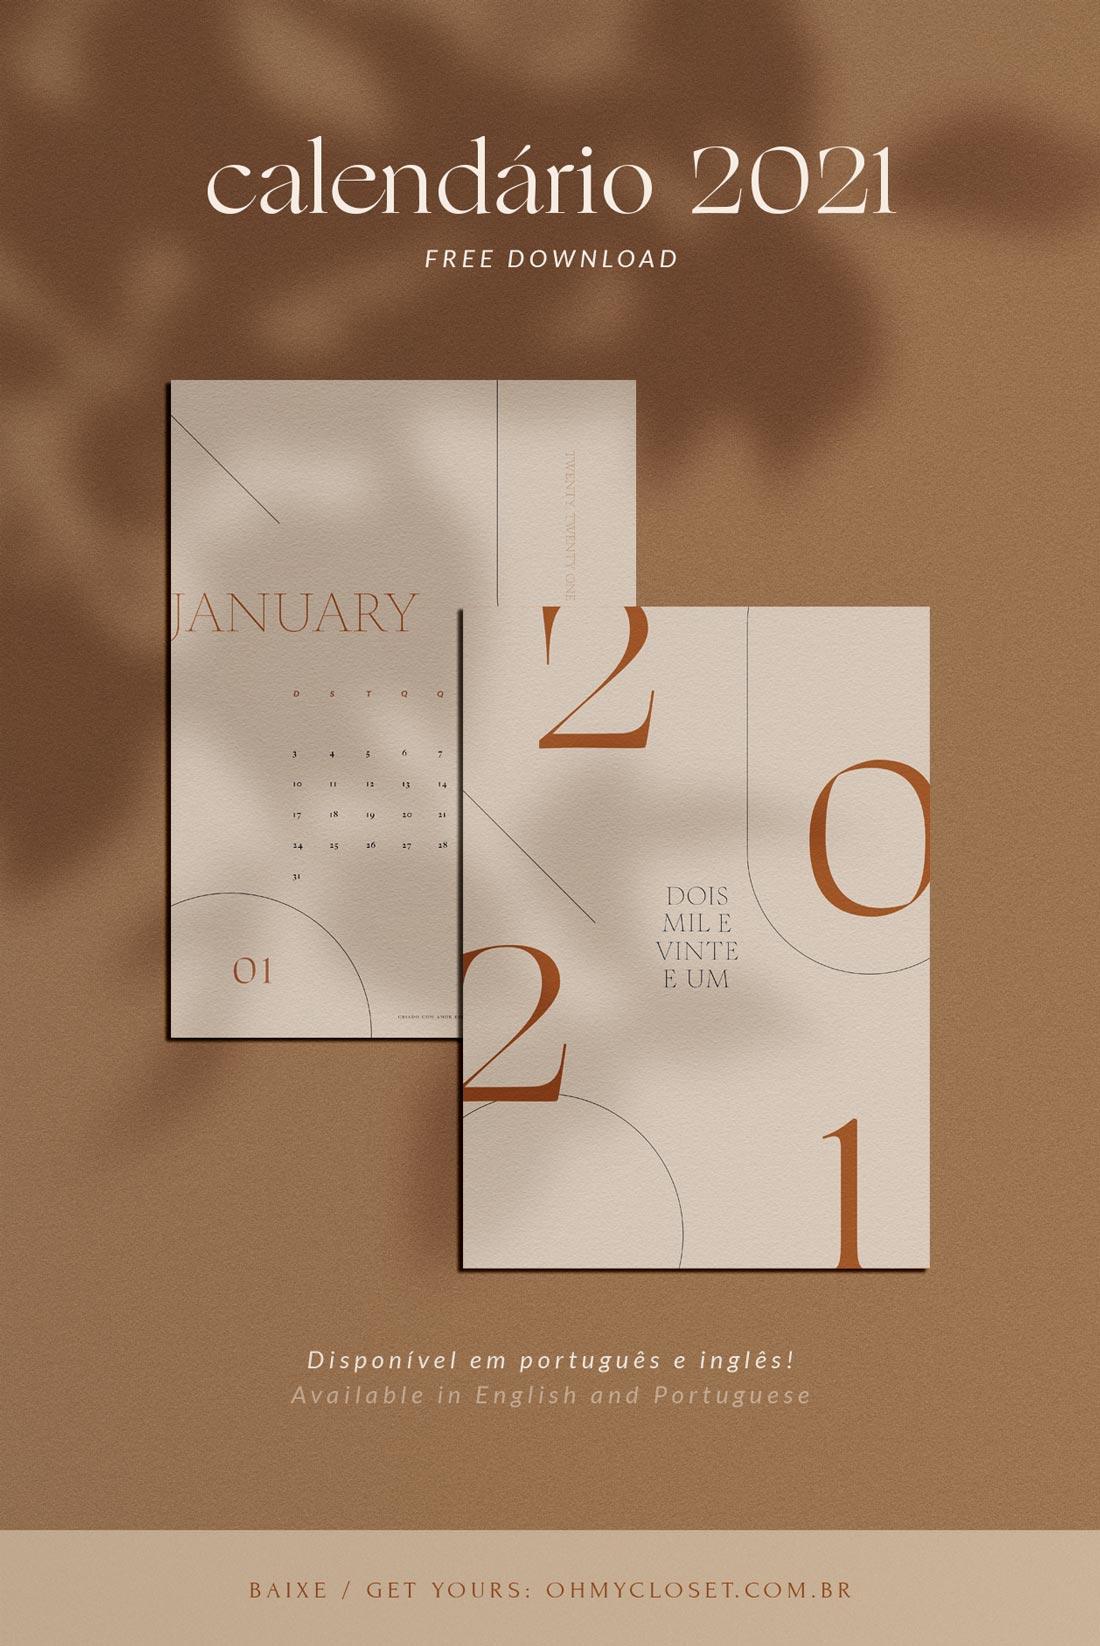 Calendário minimalista 2021 disponível em inglês e português para download grátis